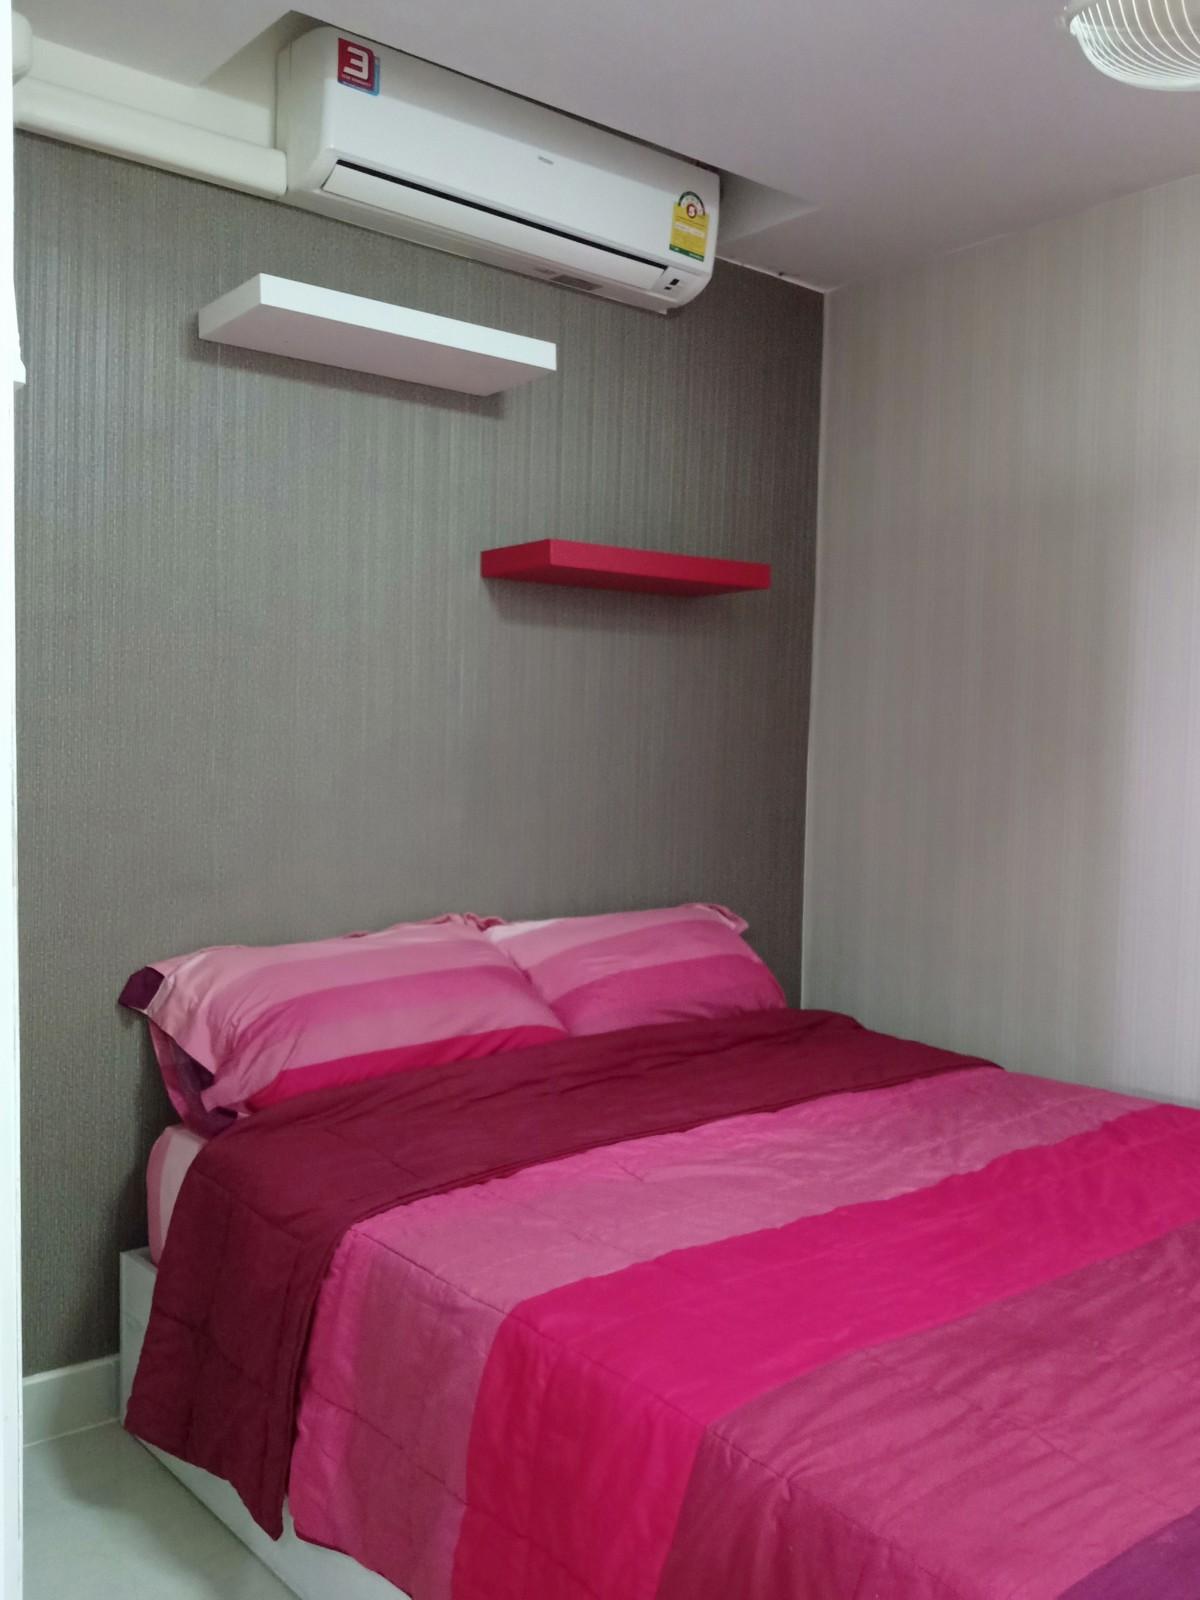 รูปของประกาศเช่าคอนโดเดอะ เกรท คอนโด เพชรเกษม 48(1 ห้องนอน)(1)